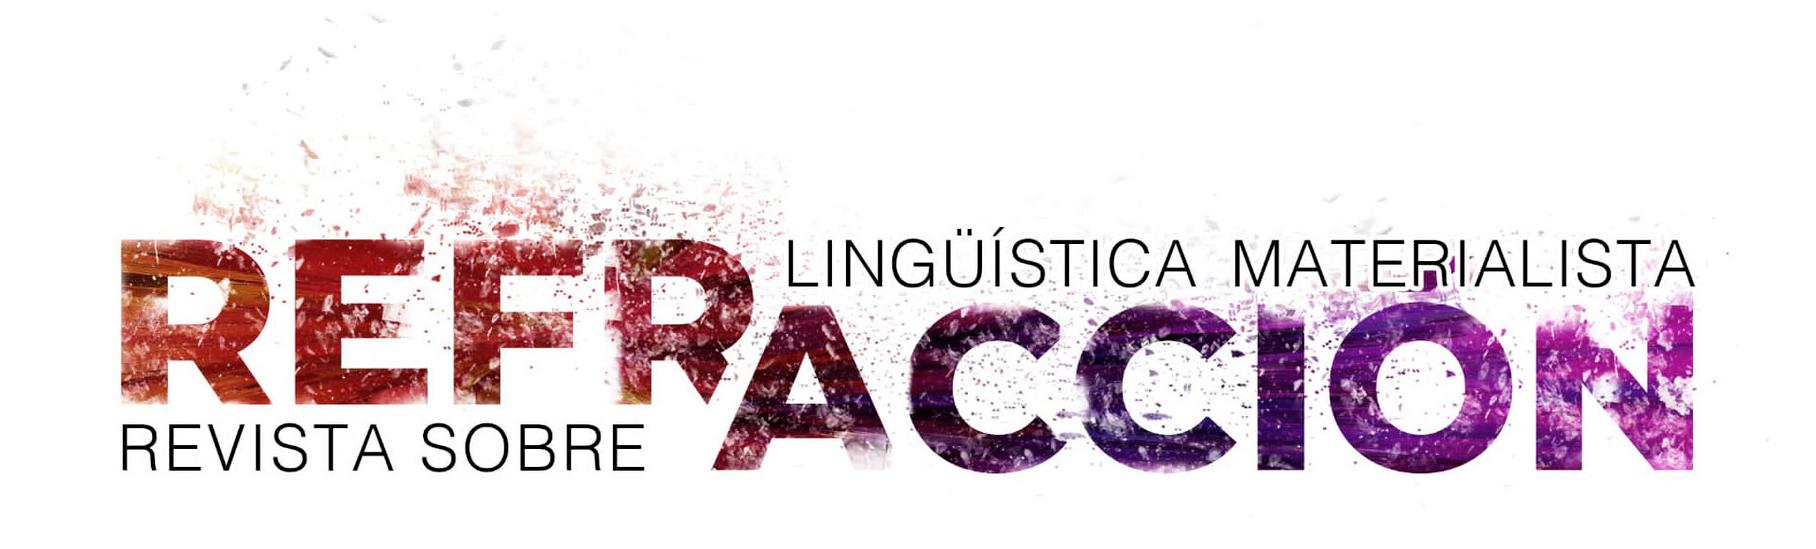 Instituto de lingüística materialista (INLIMA)